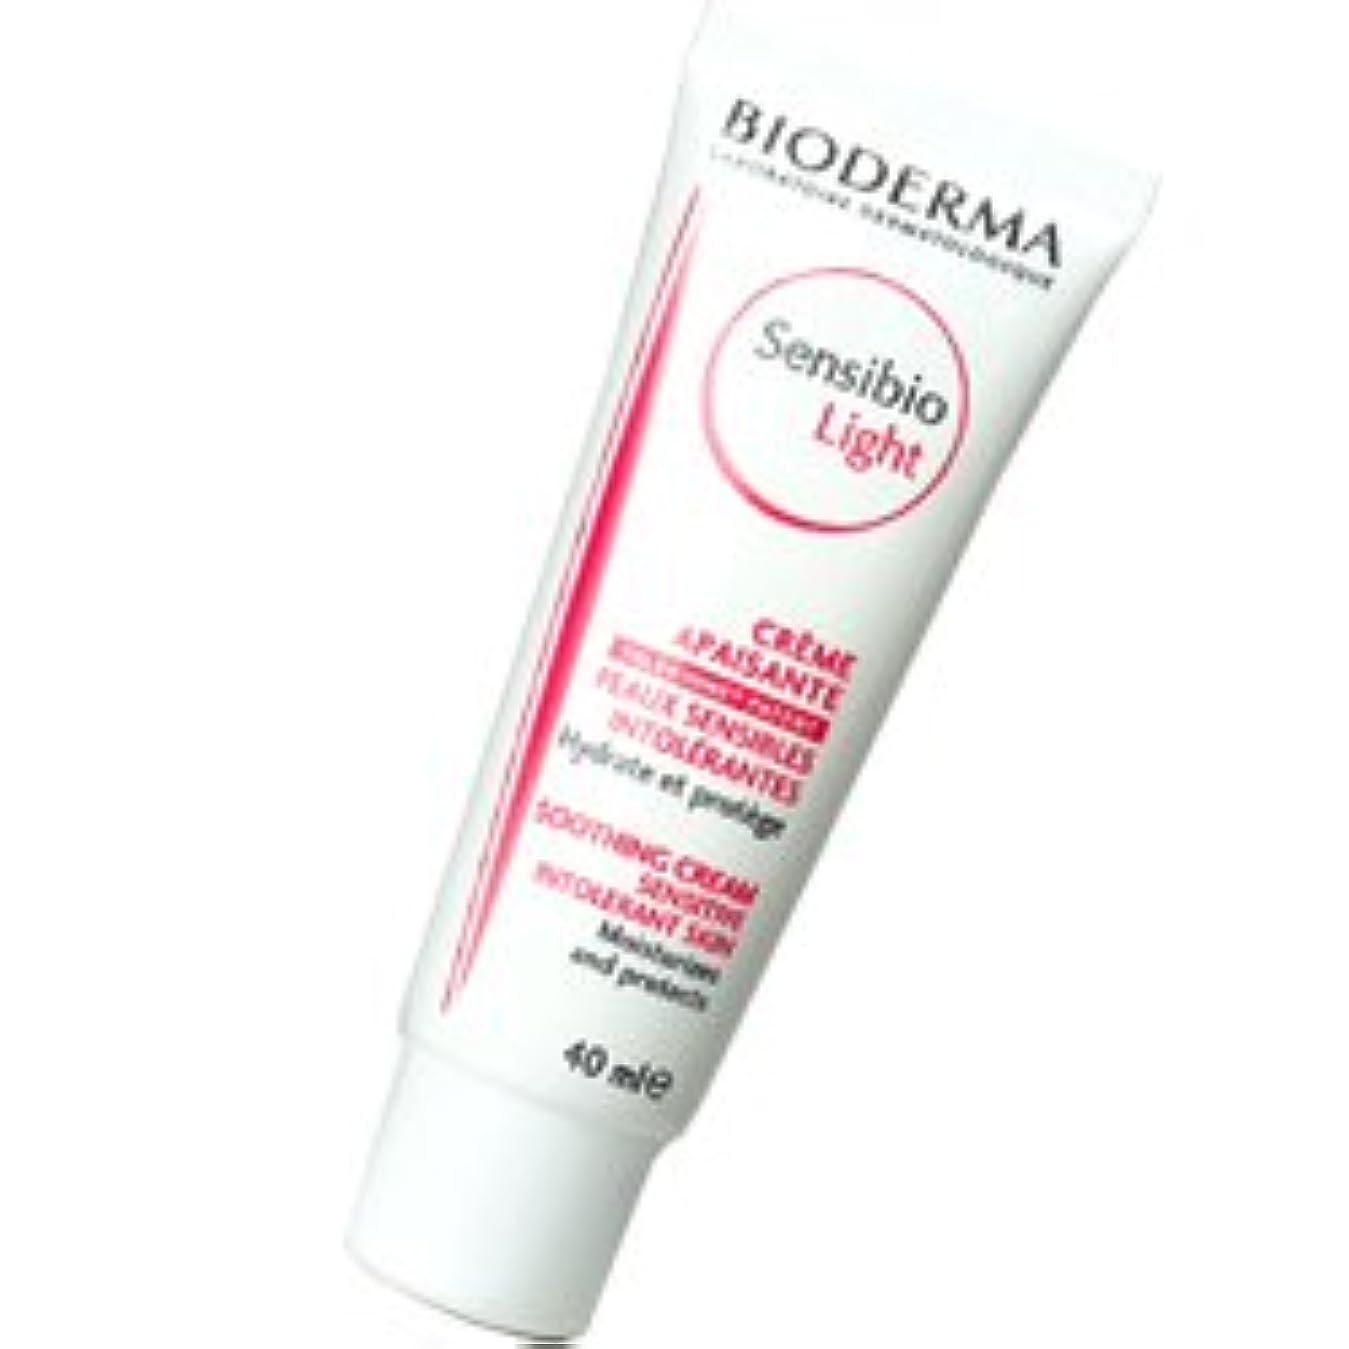 ステージ脅かすガチョウビオデルマ BIODERMA サンシビオ ライトクリーム 40g 【並行輸入品】